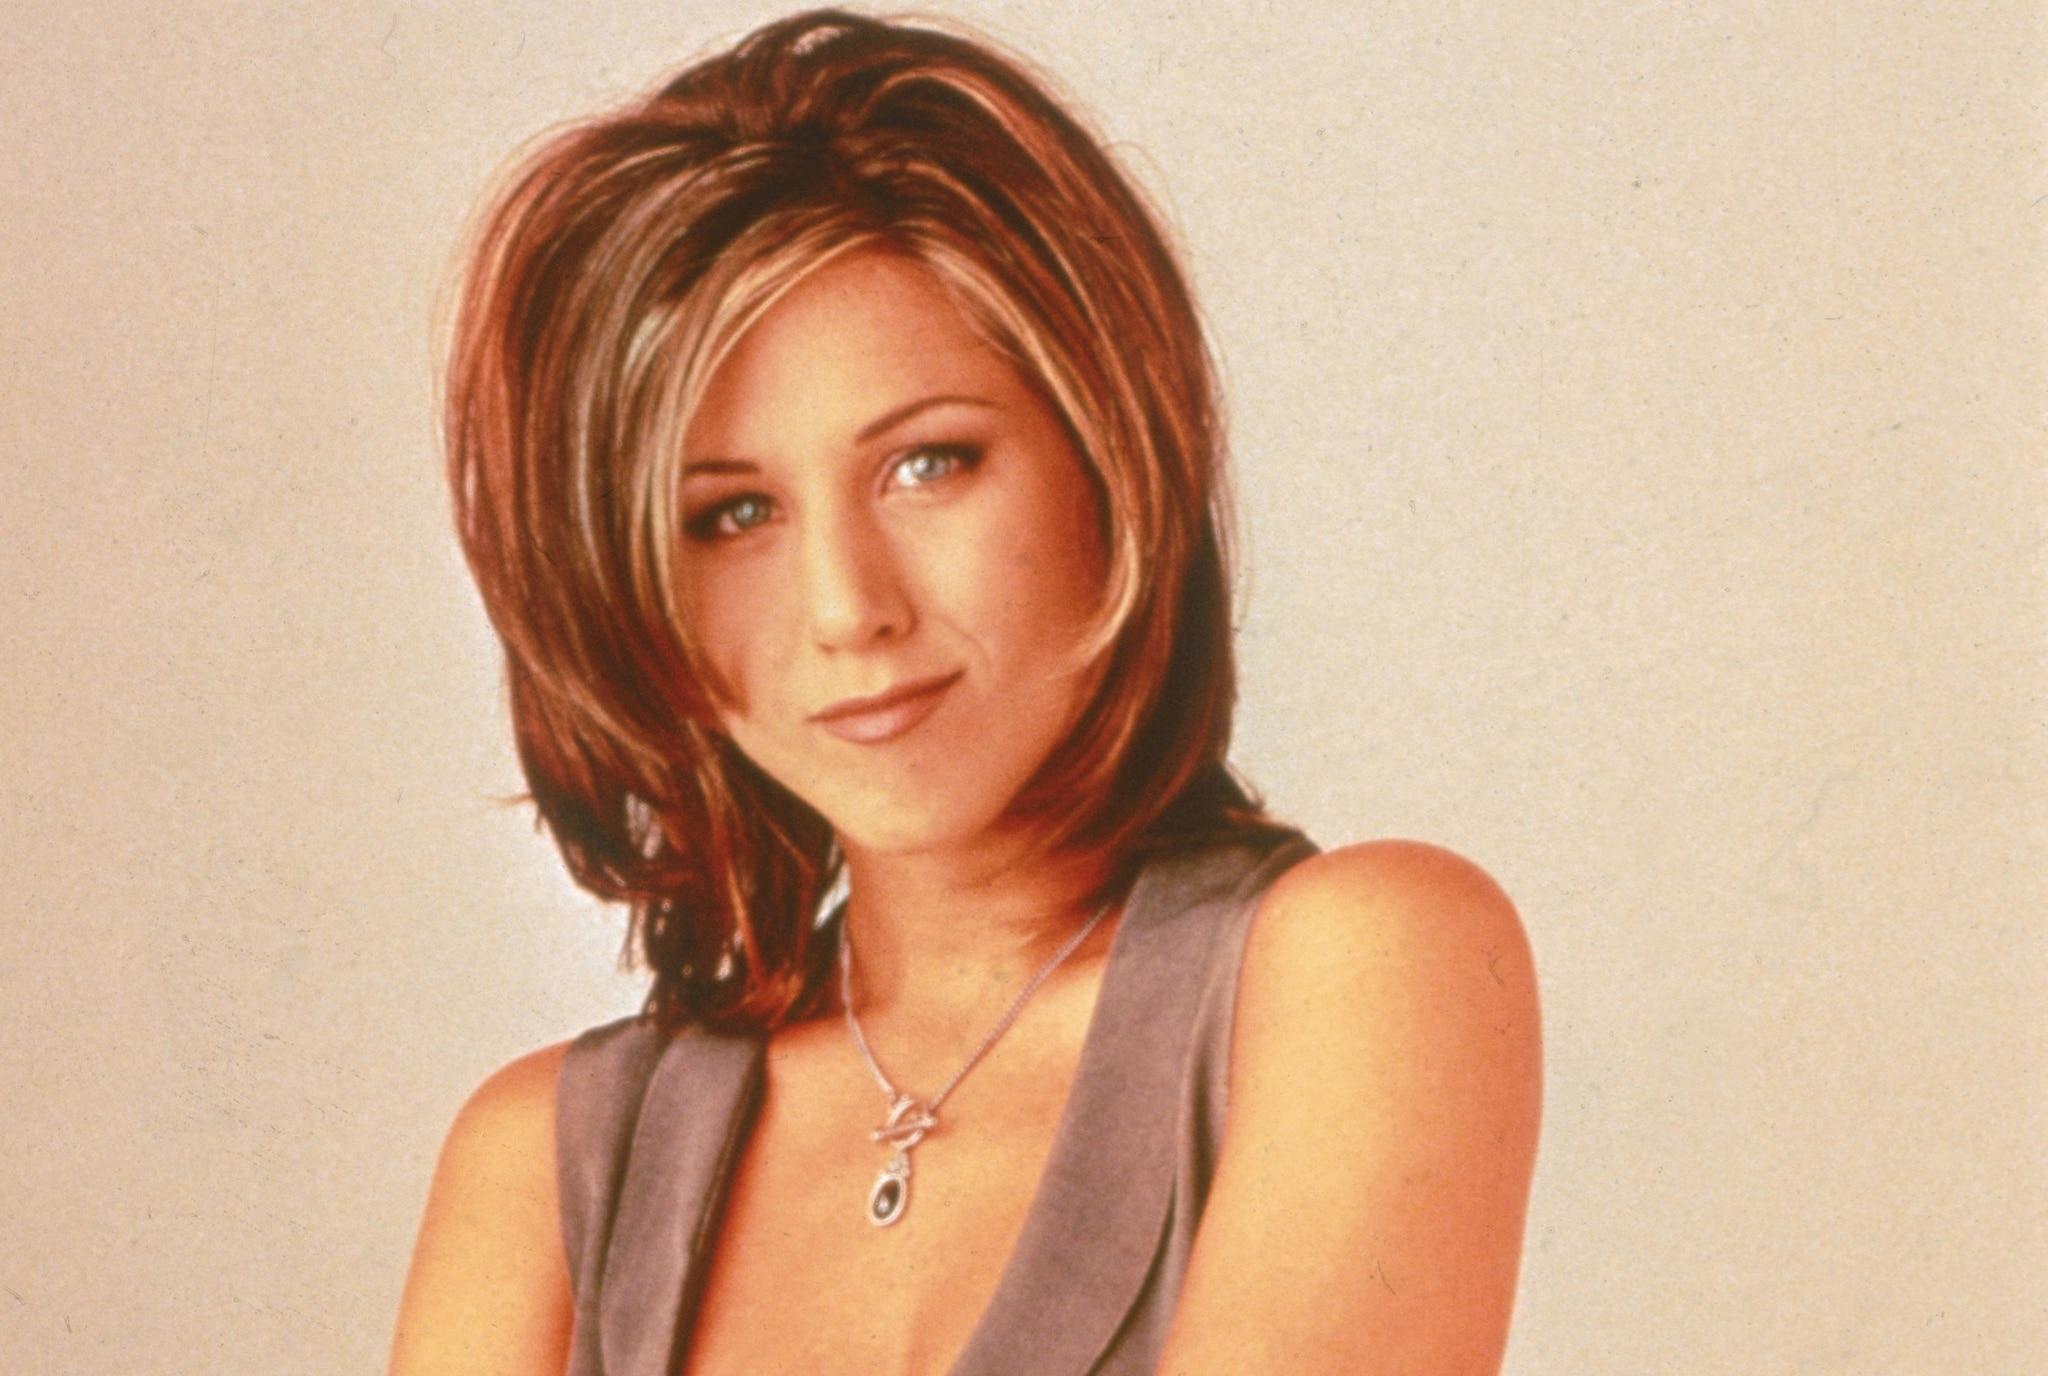 L'iconico taglio The Rachel di Jennifer Aniston